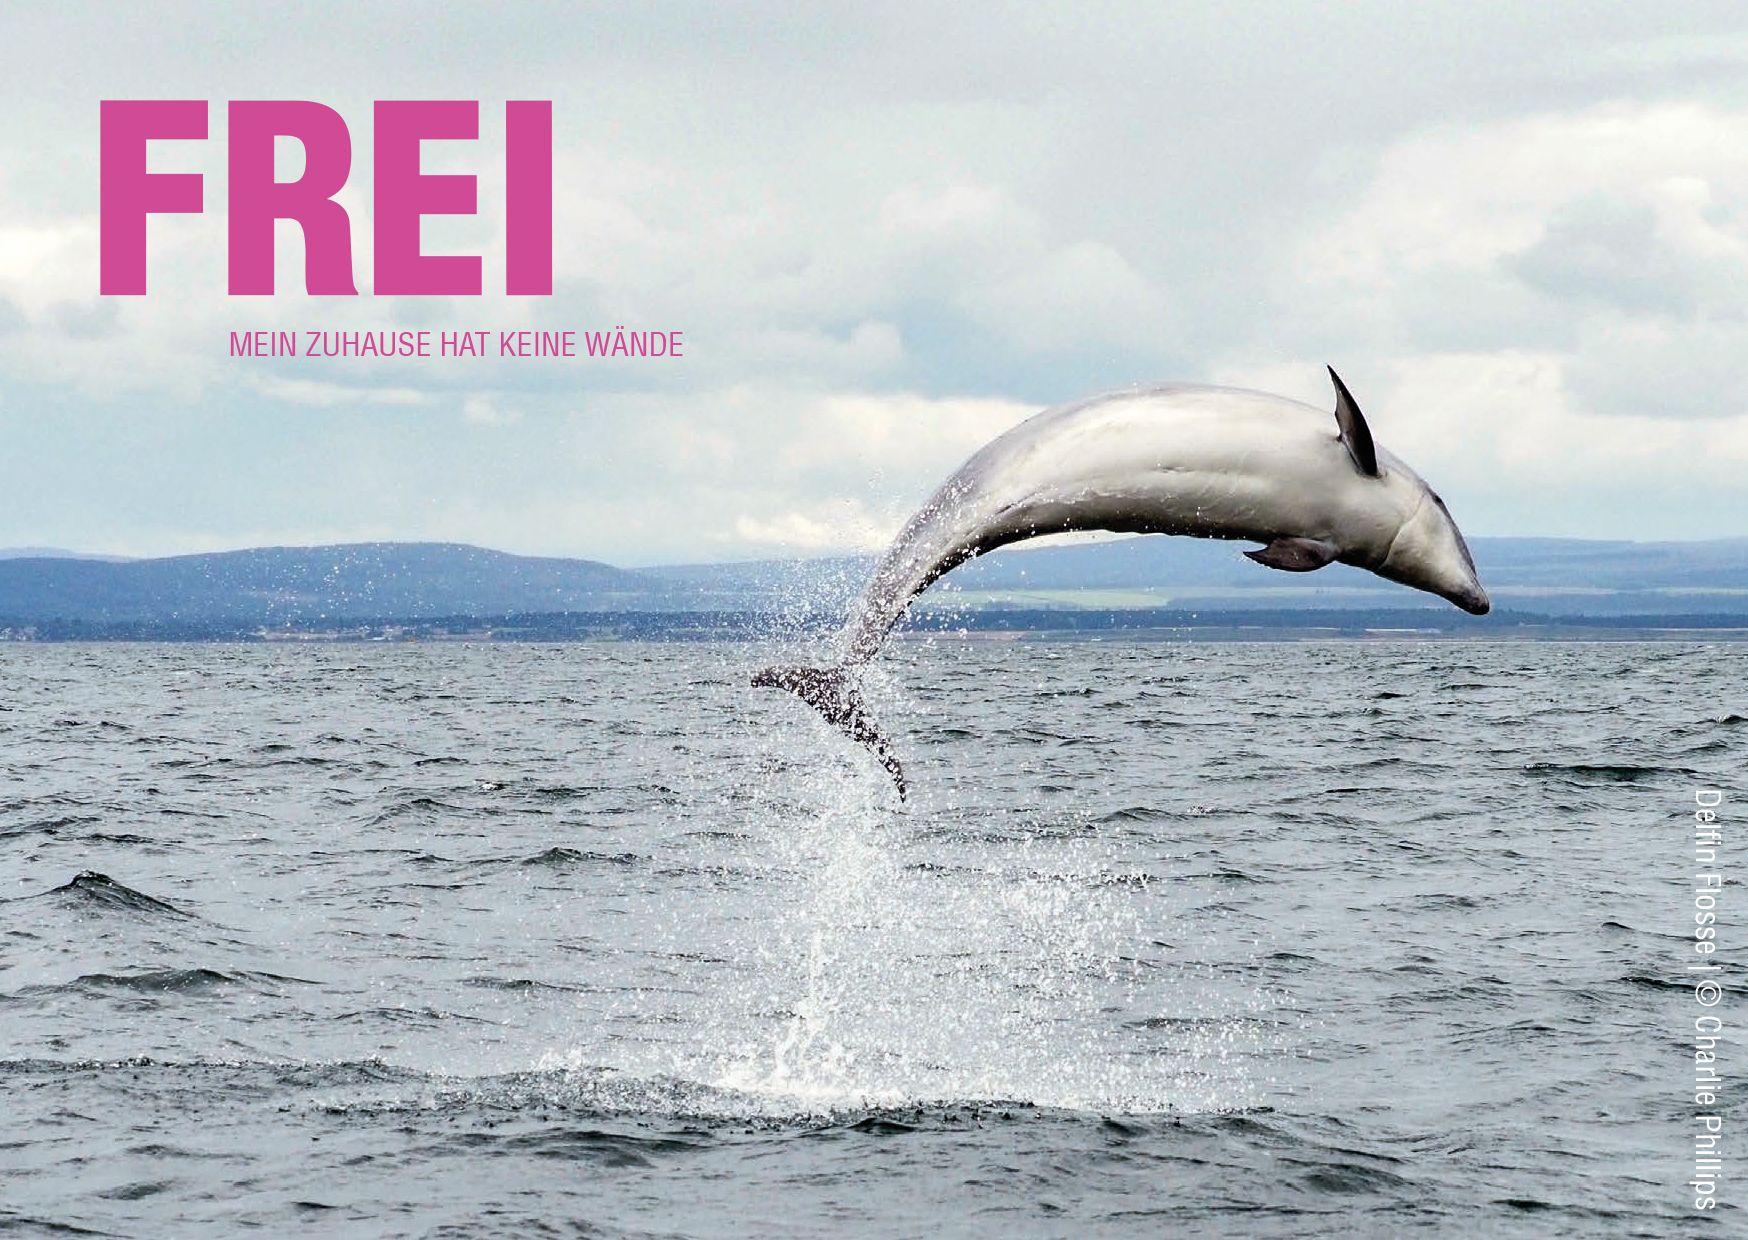 Petition: Für ein Deutschland ohne Delfinarien! Zucht und Transporte von Delfinen einstellen!